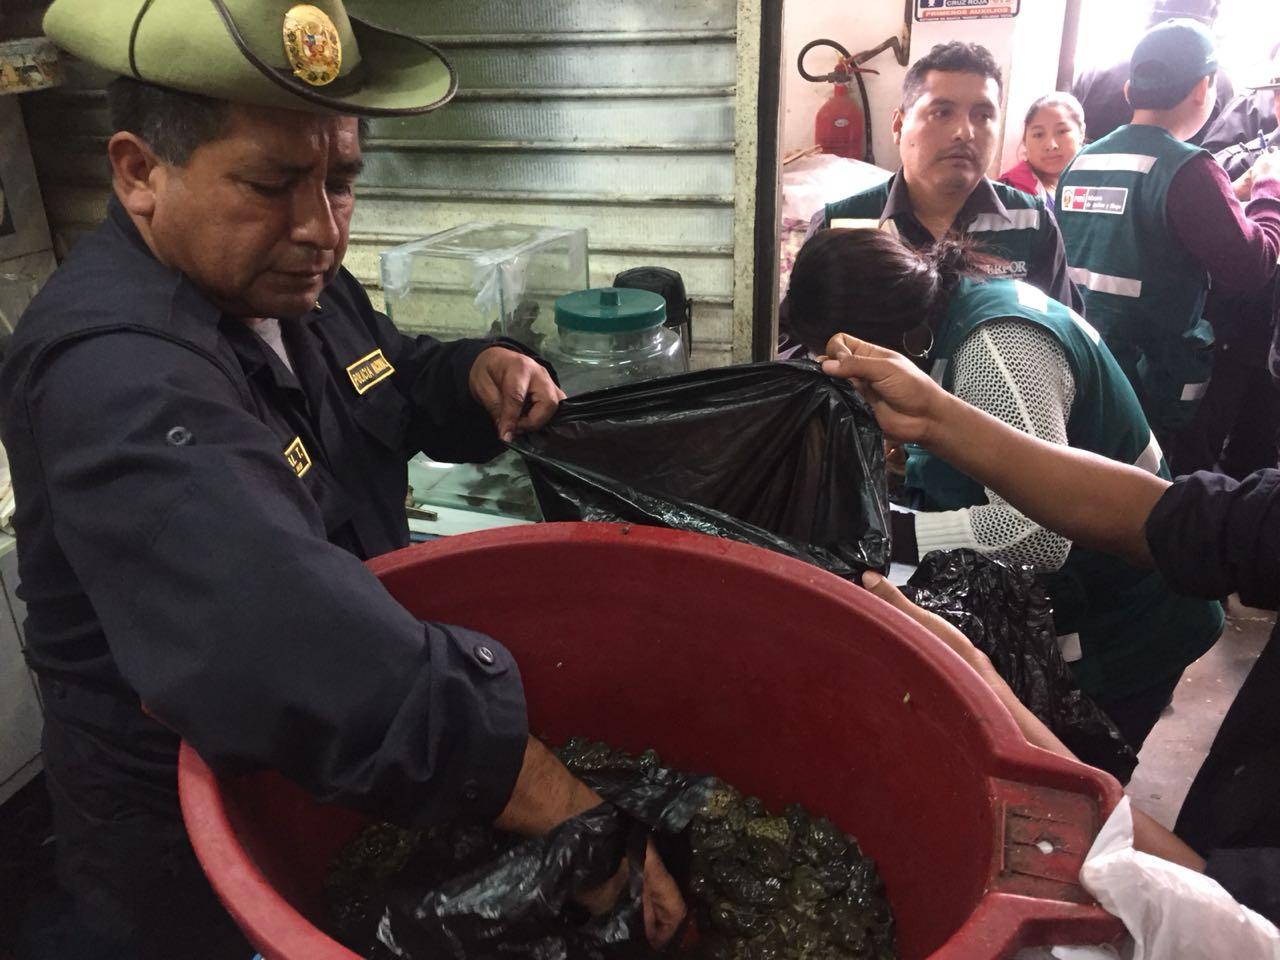 Más de cien efectivos participaron en el operativo donde se incautó más de mil especímenes y partes de animales. Foto: Dirección del Medio Ambiente de la Policía Nacional.